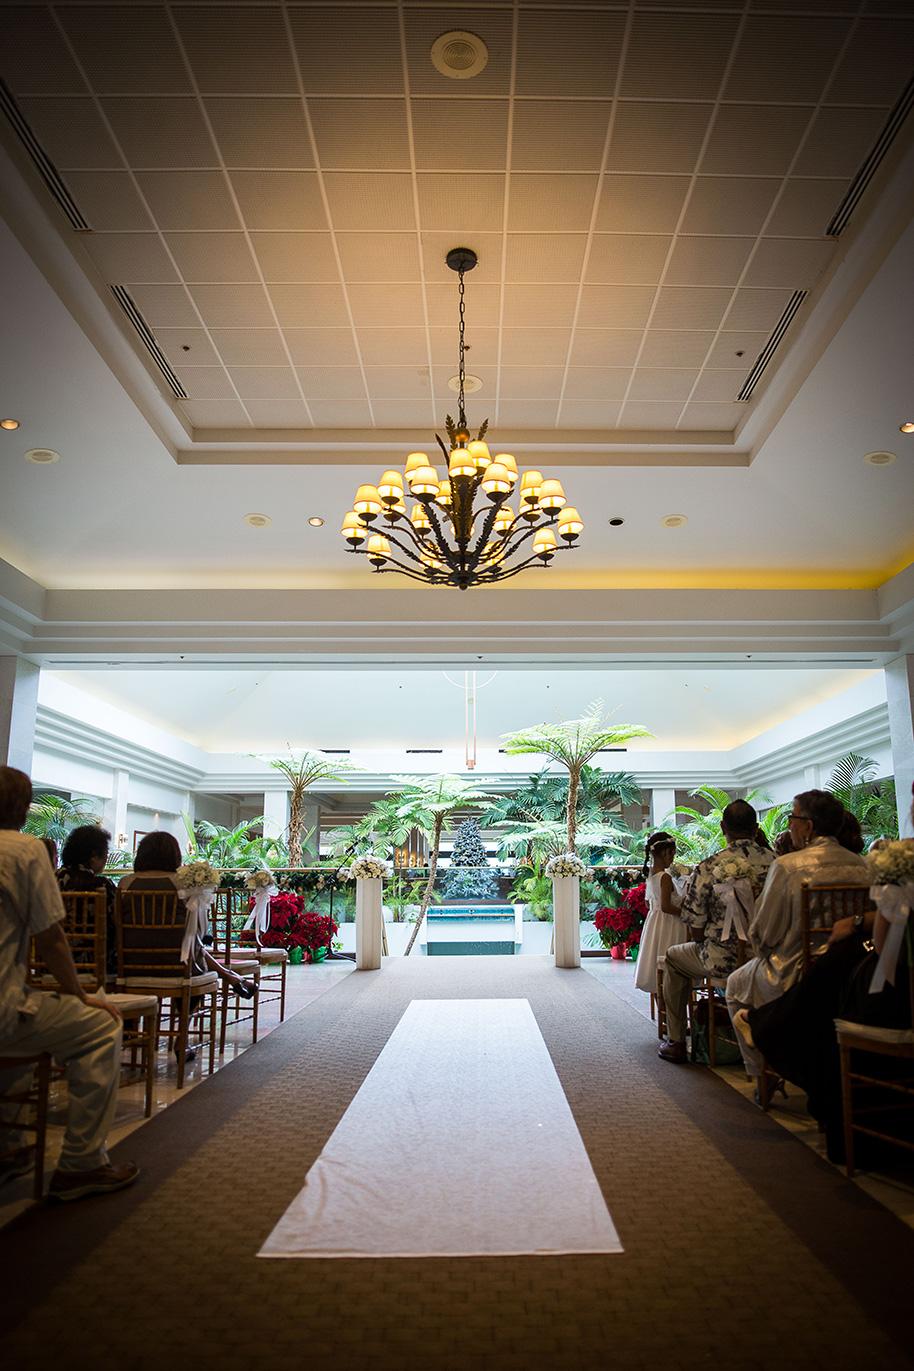 Koolau-Ballrooms-Wedding-041116-13.jpg